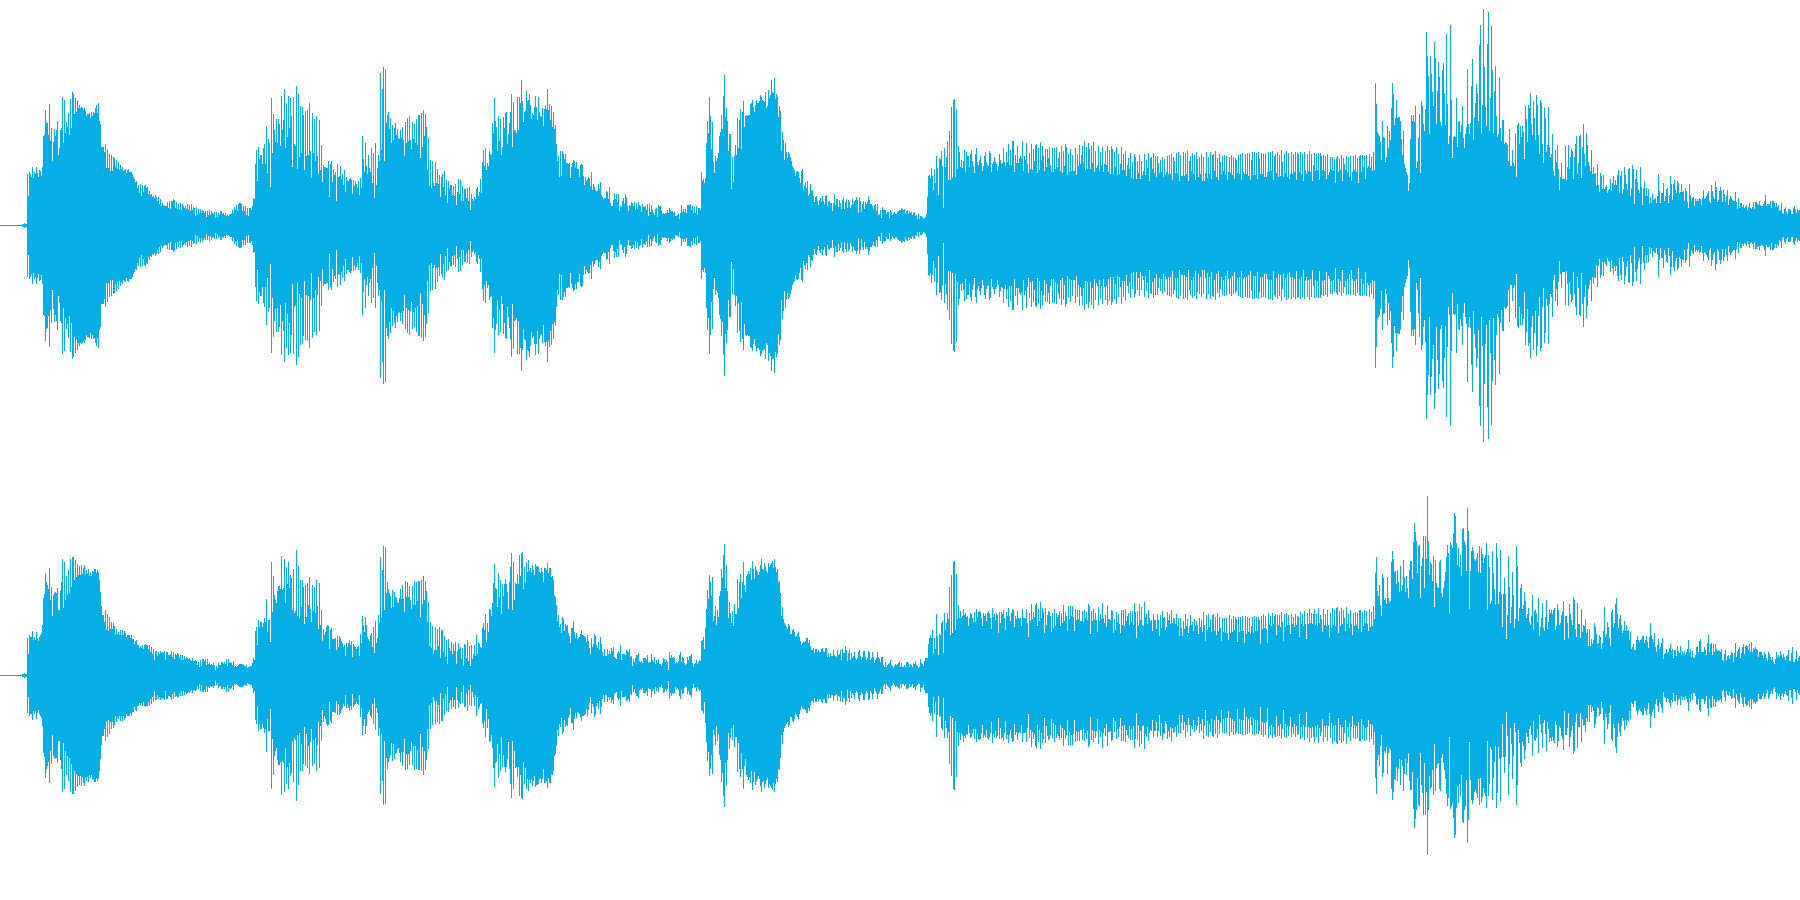 1,明るめのサウンドロゴ (3秒ロゴ)の再生済みの波形